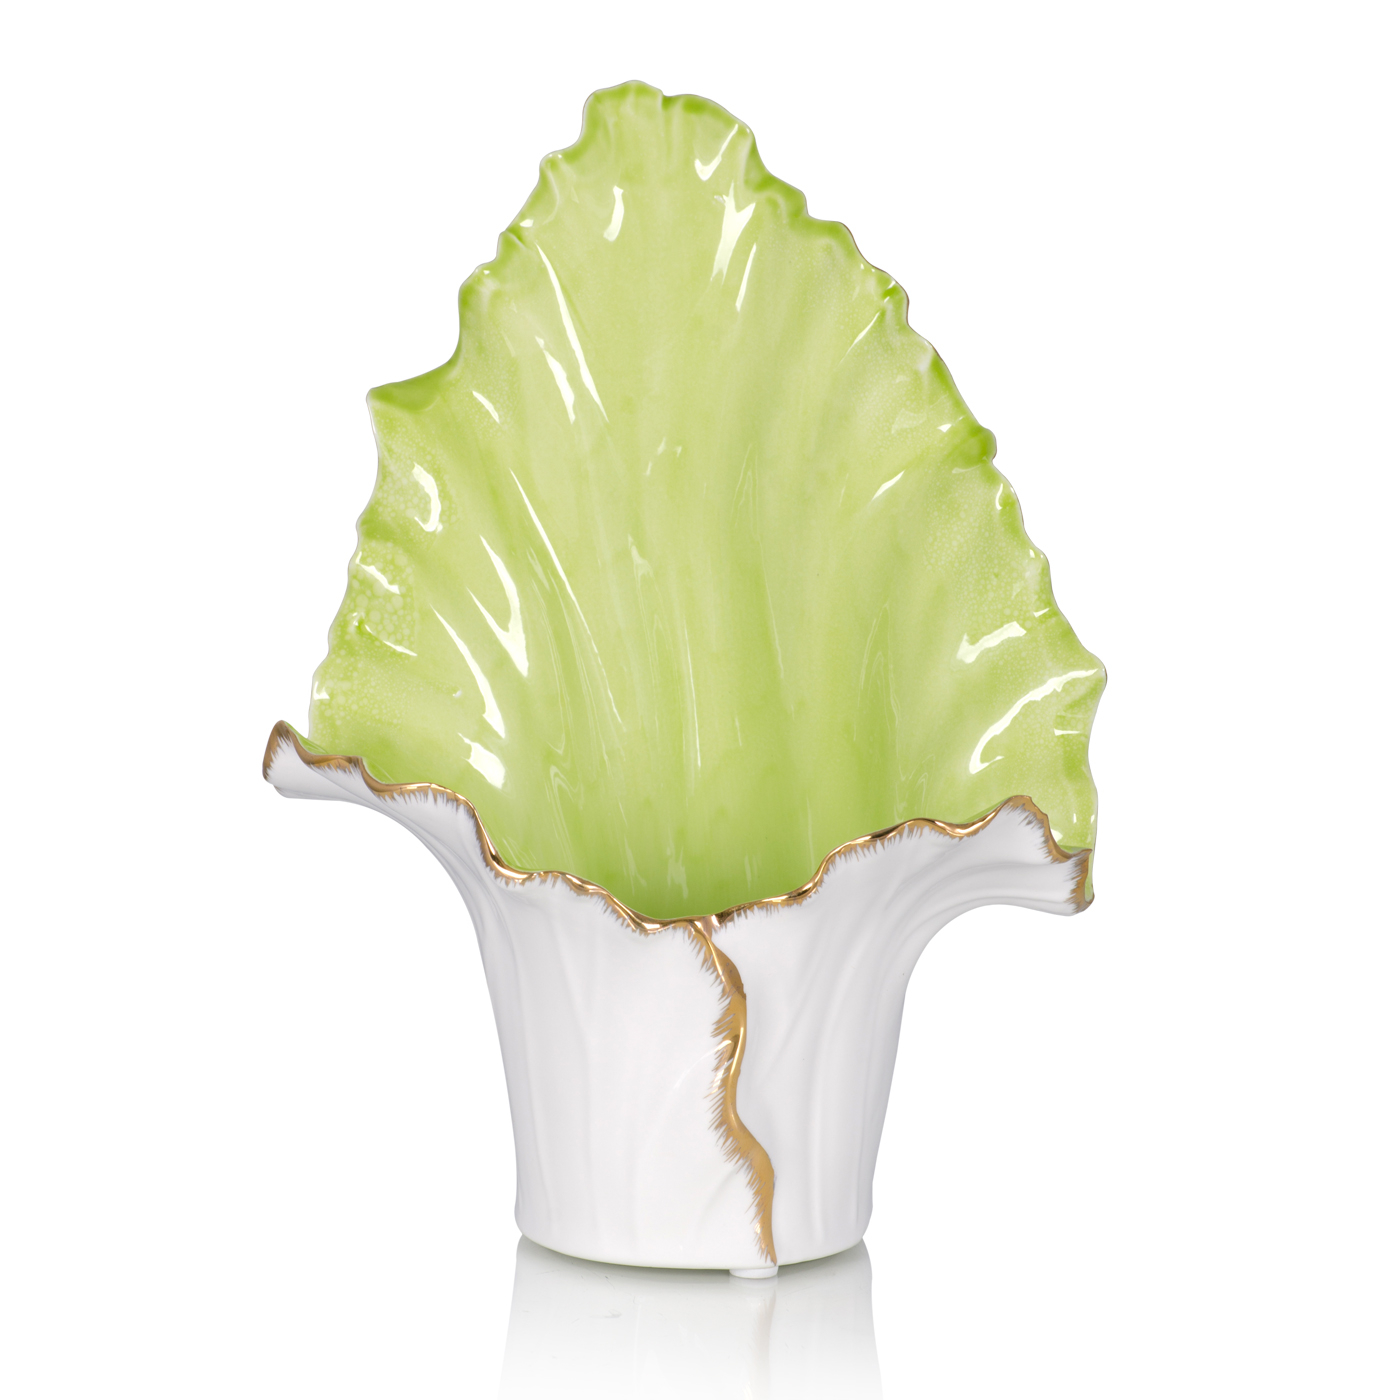 {} Home Philosophy Ваза Lettuce Цвет: Салатовый-Белый (16х25х37 см) home philosophy ваза mariana цвет молочный набор